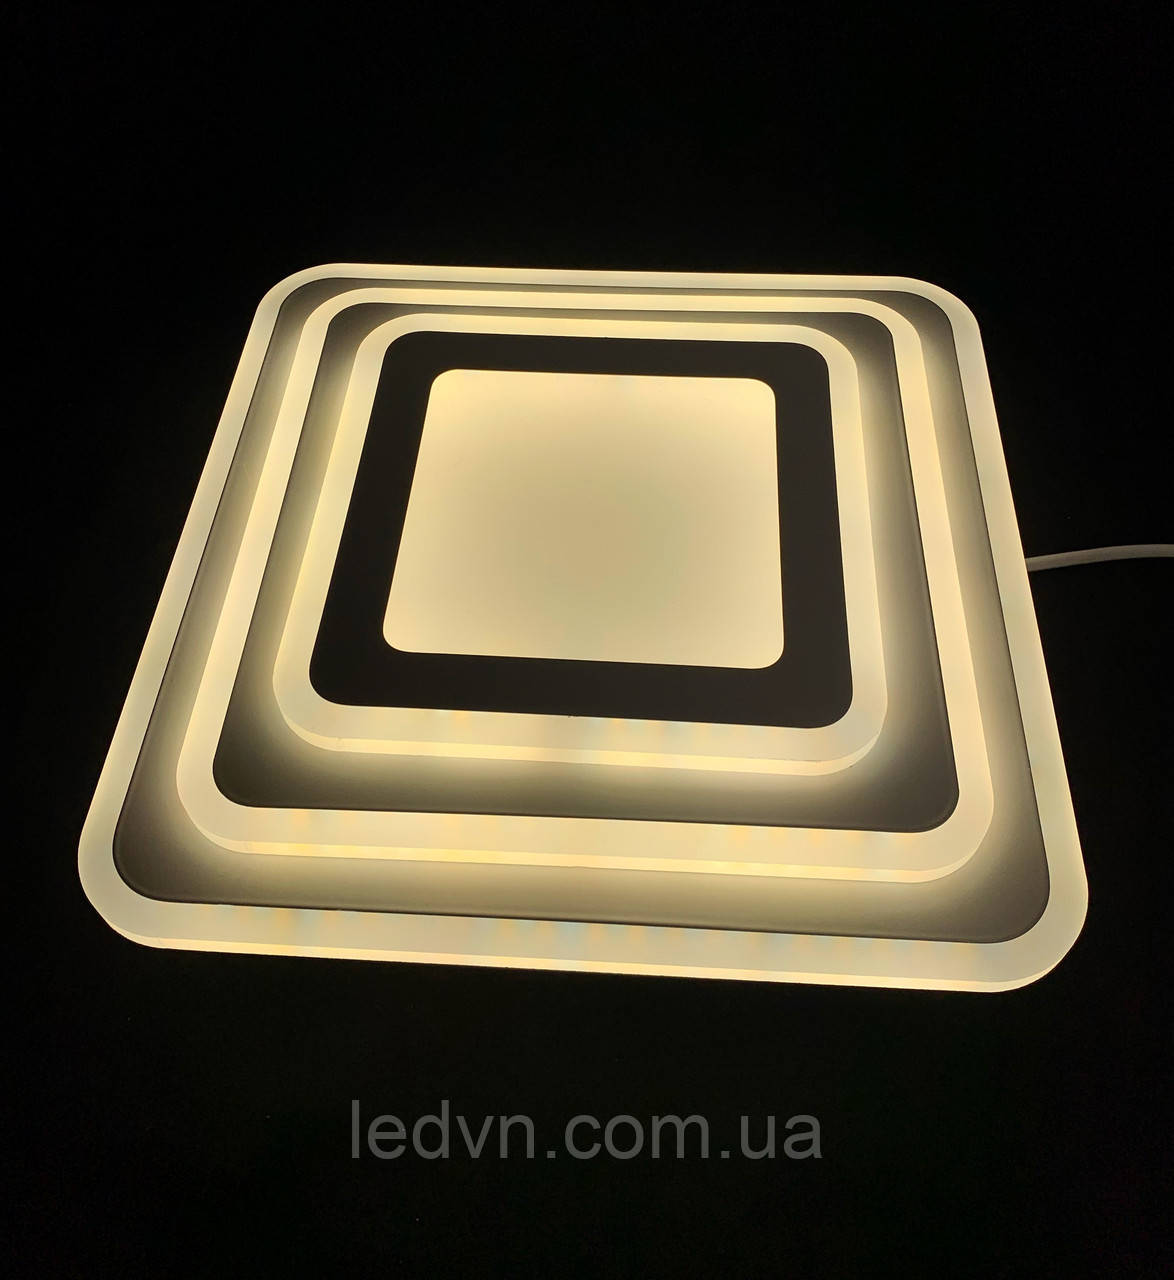 Светодиодный потолочный светильник квадрат 35 ватт 30см